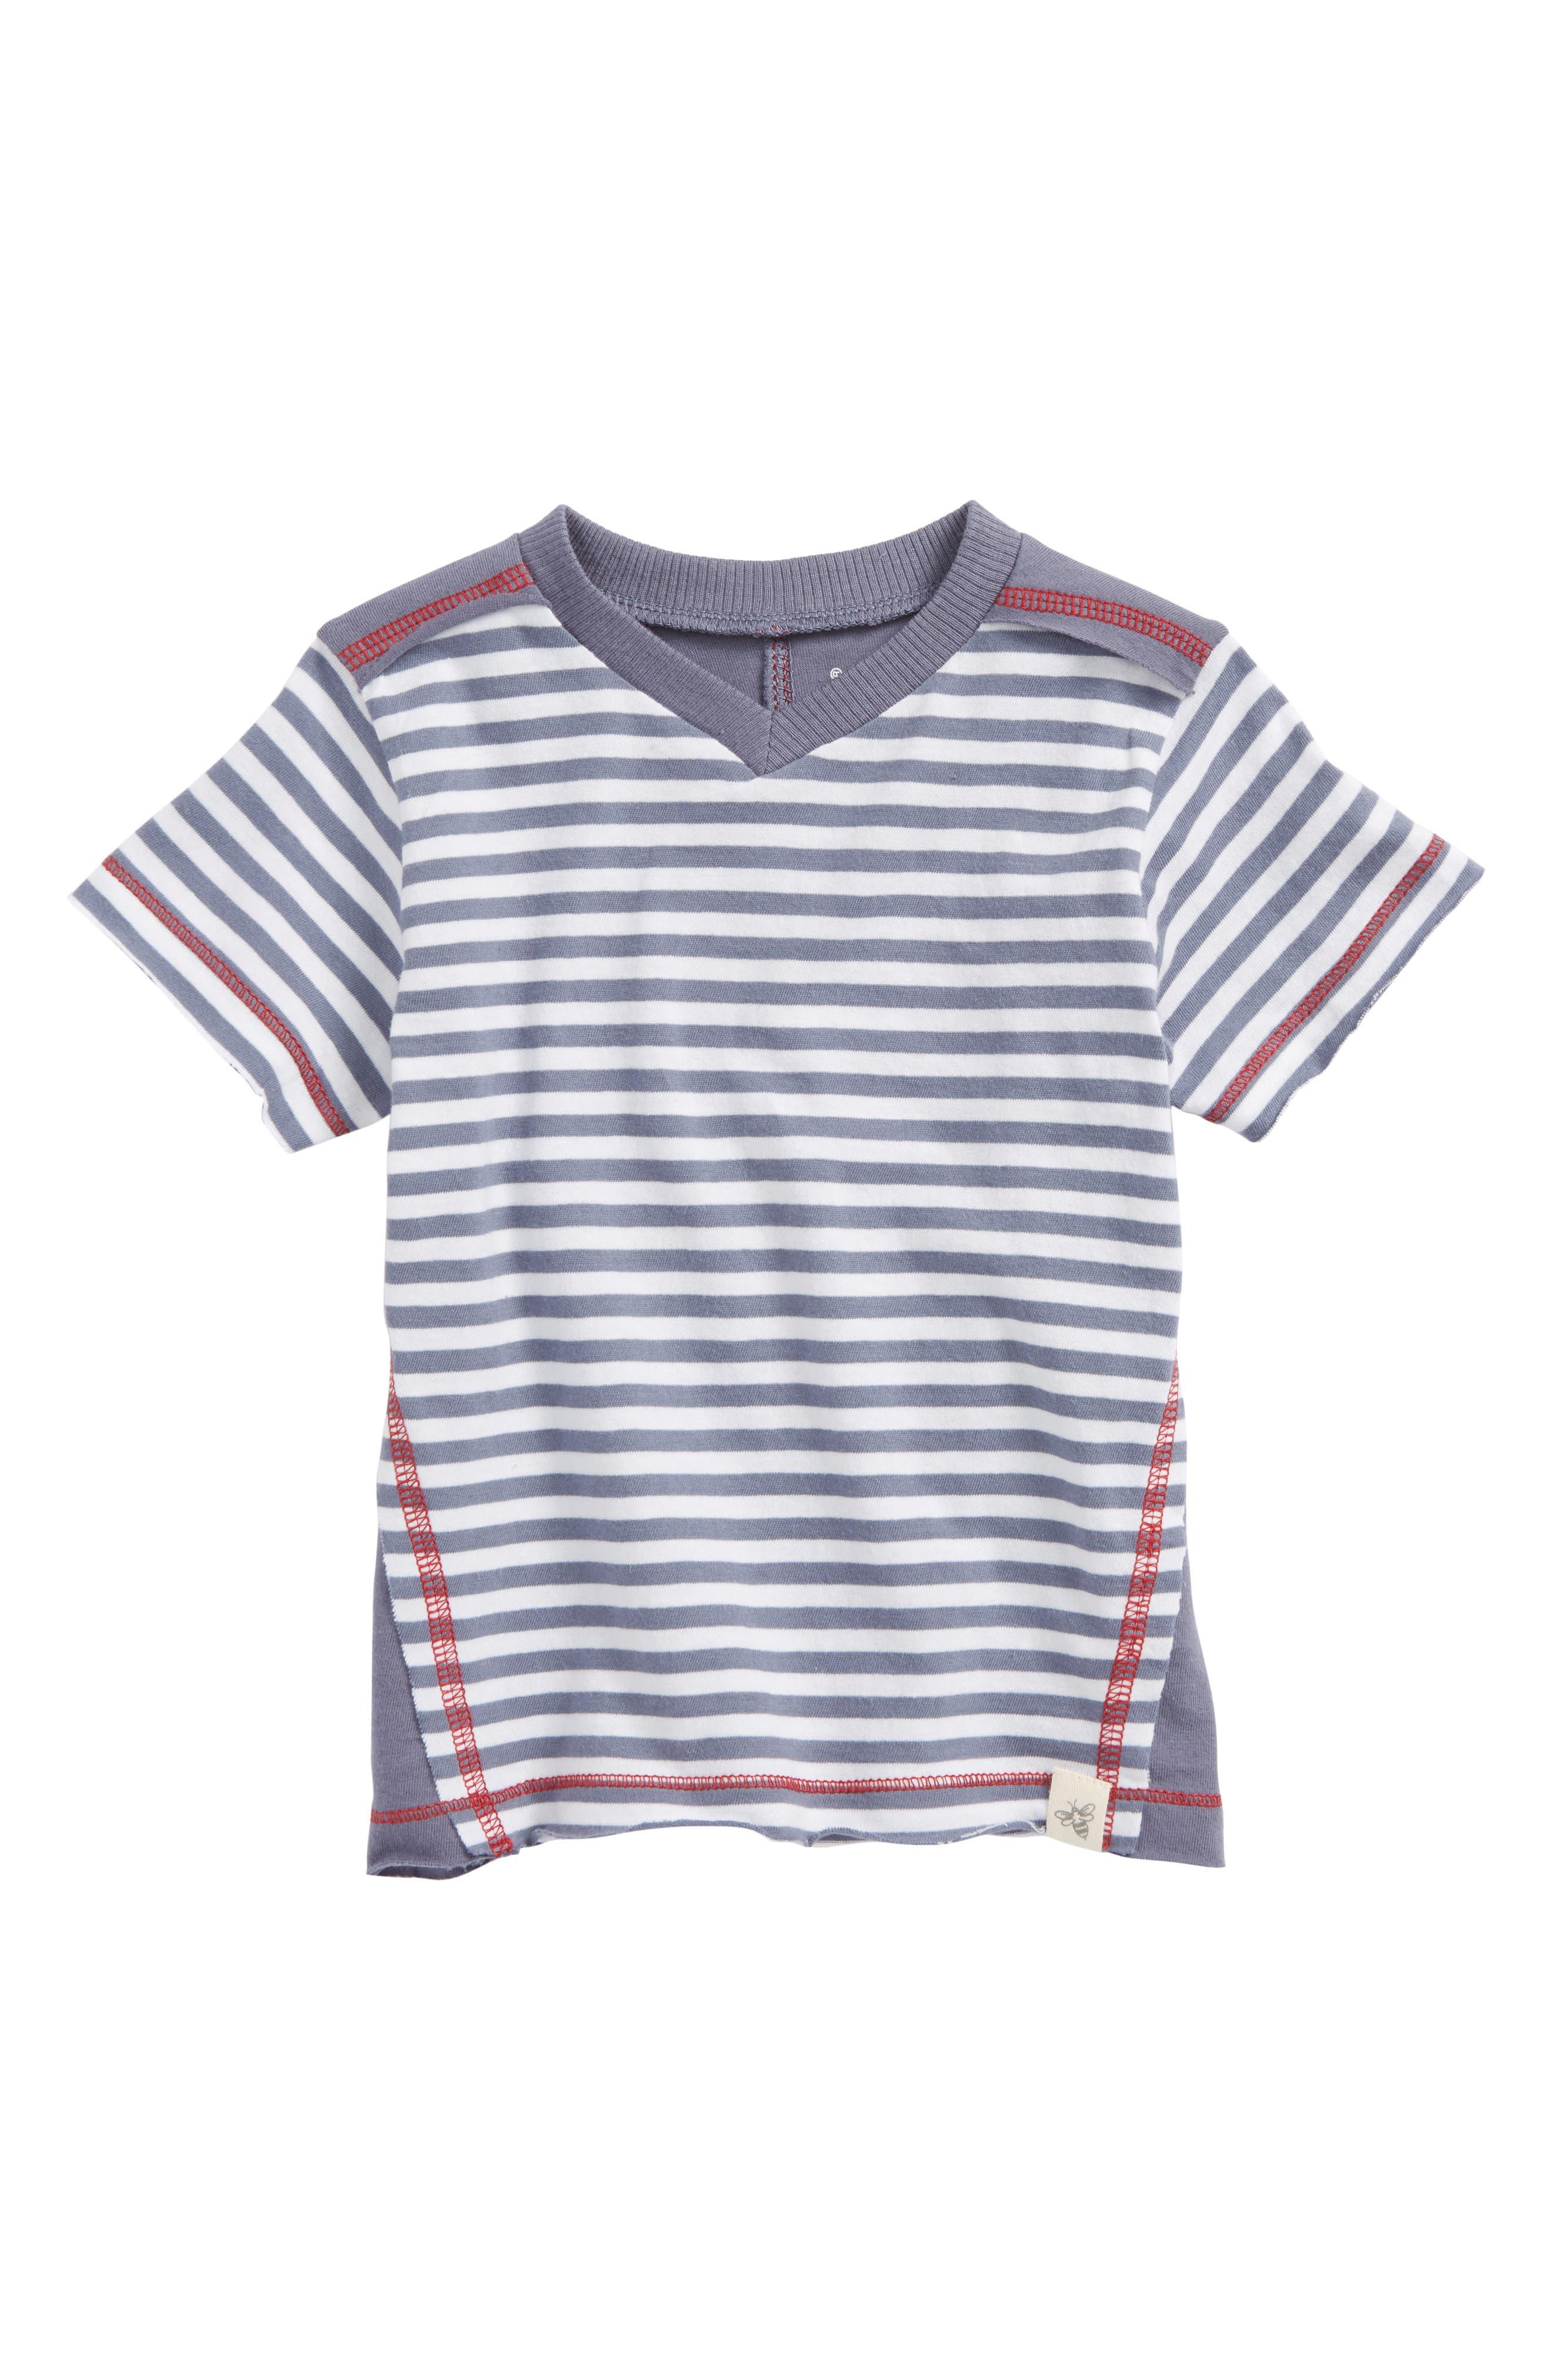 Burt's Bees Baby Organic Cotton T-Shirt (Baby Boys)